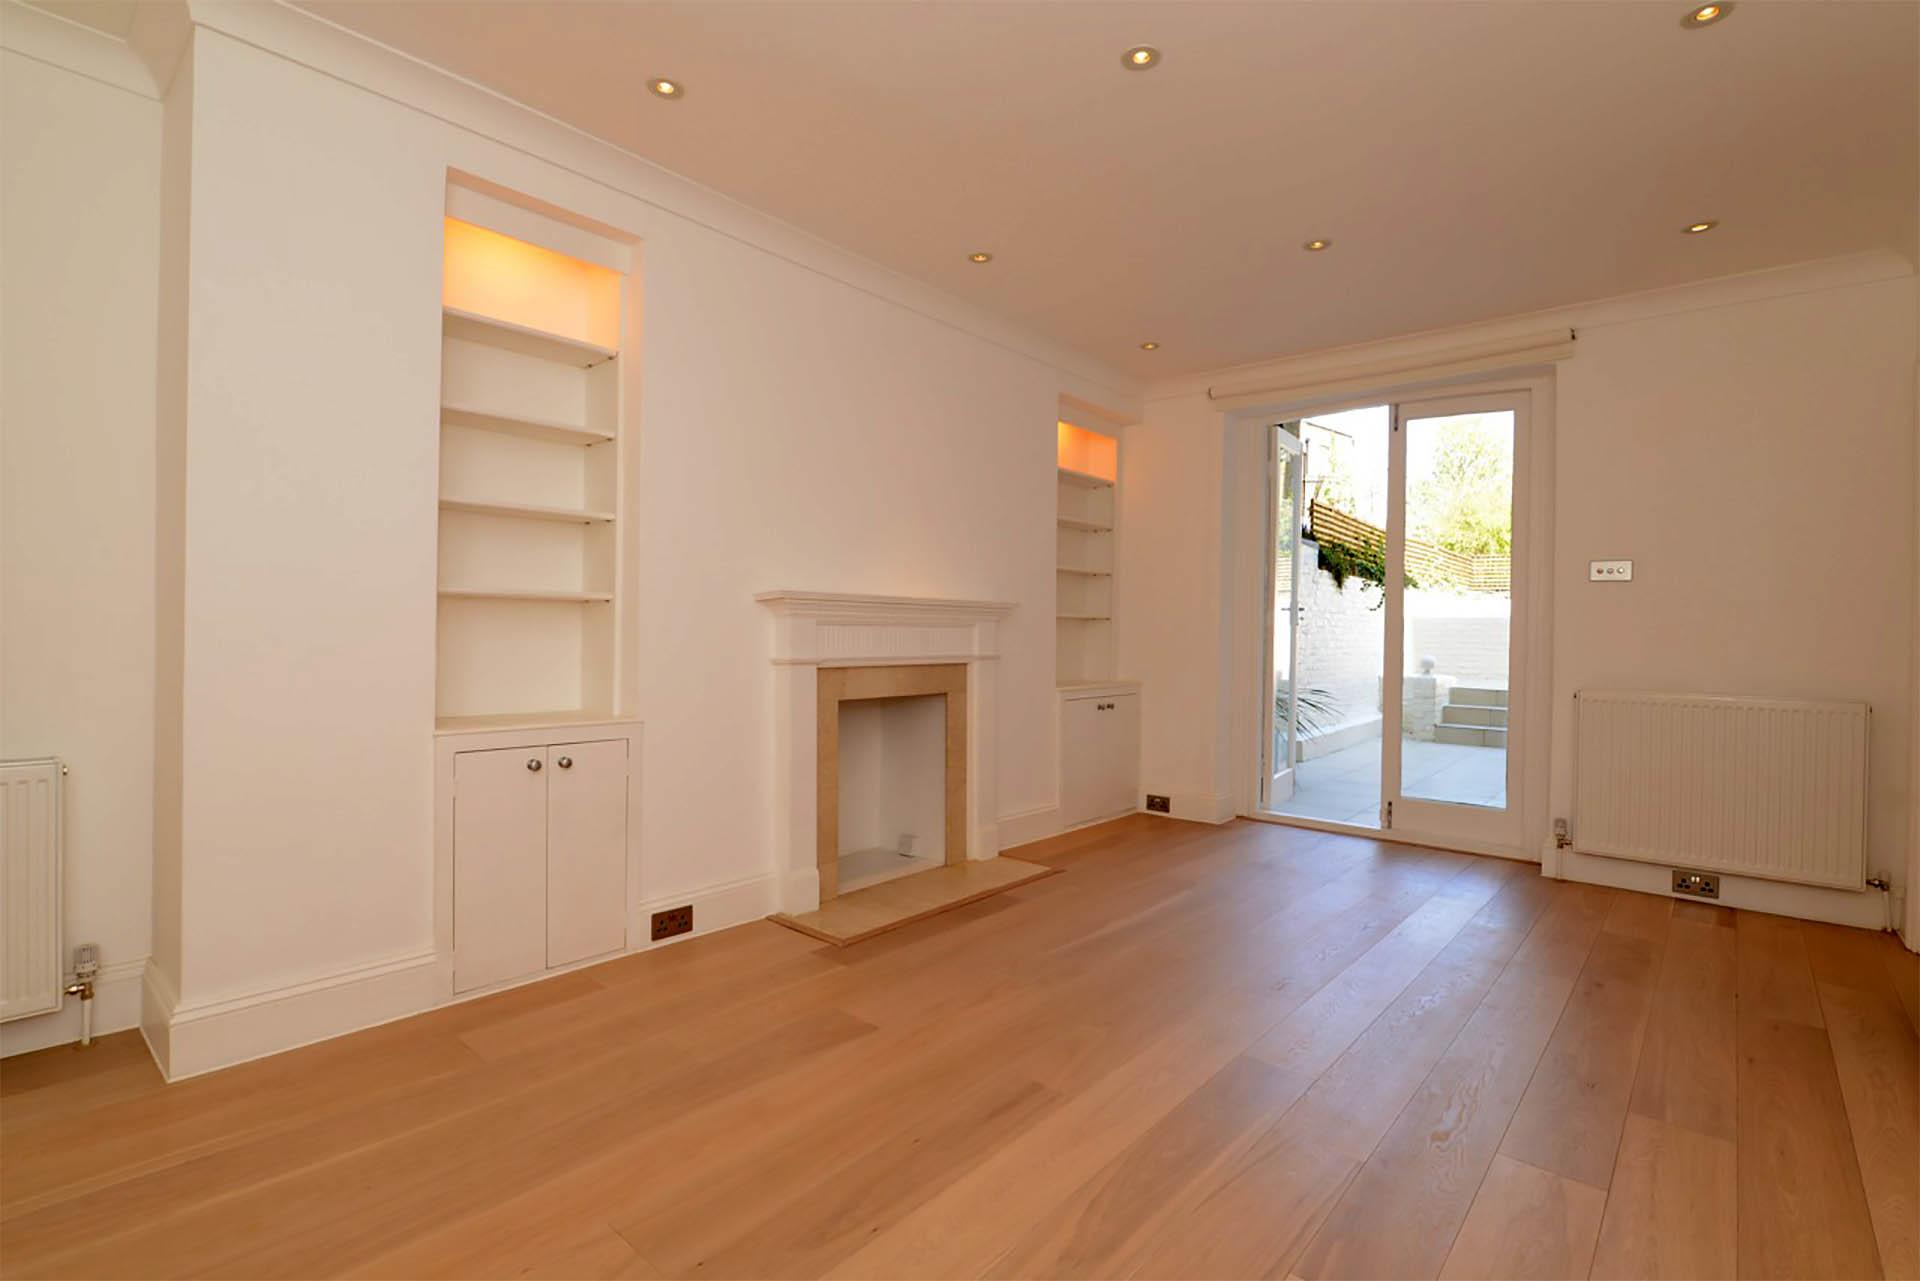 Chepstow Crescent oak floor